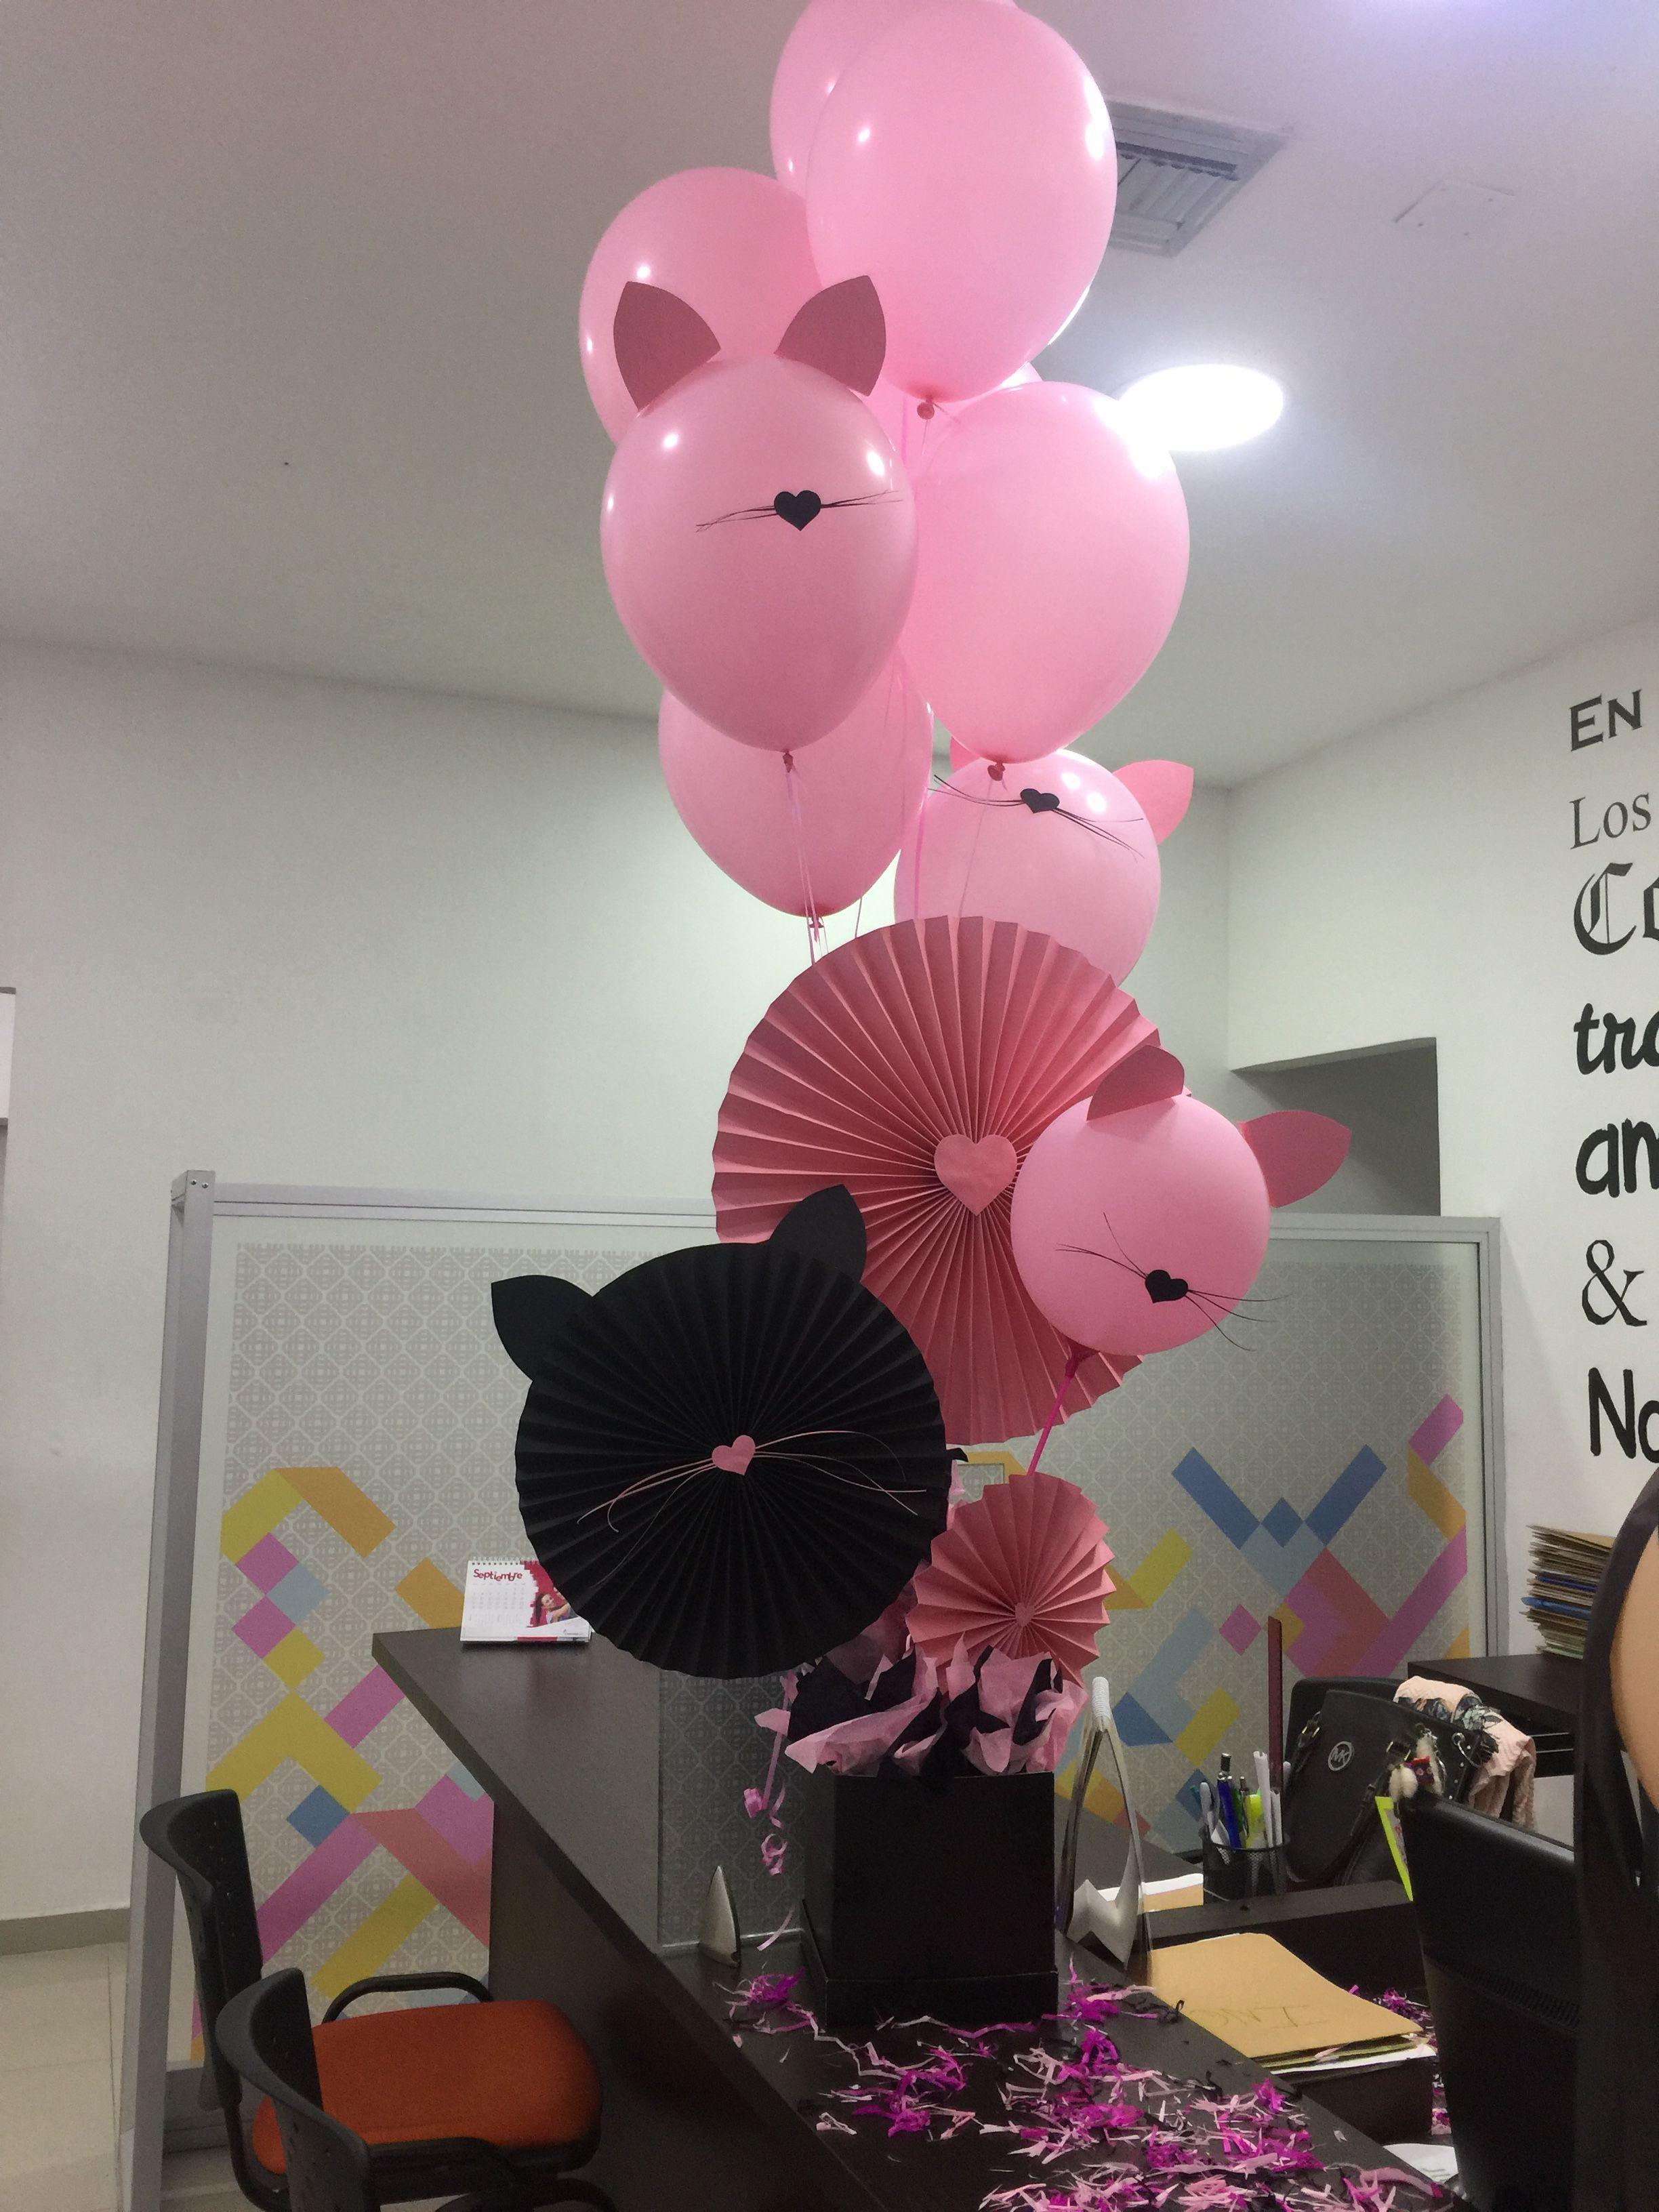 Centro de mesa cumplea os decoraci n gatitos ideas - Decoracion mesa cumpleanos ...